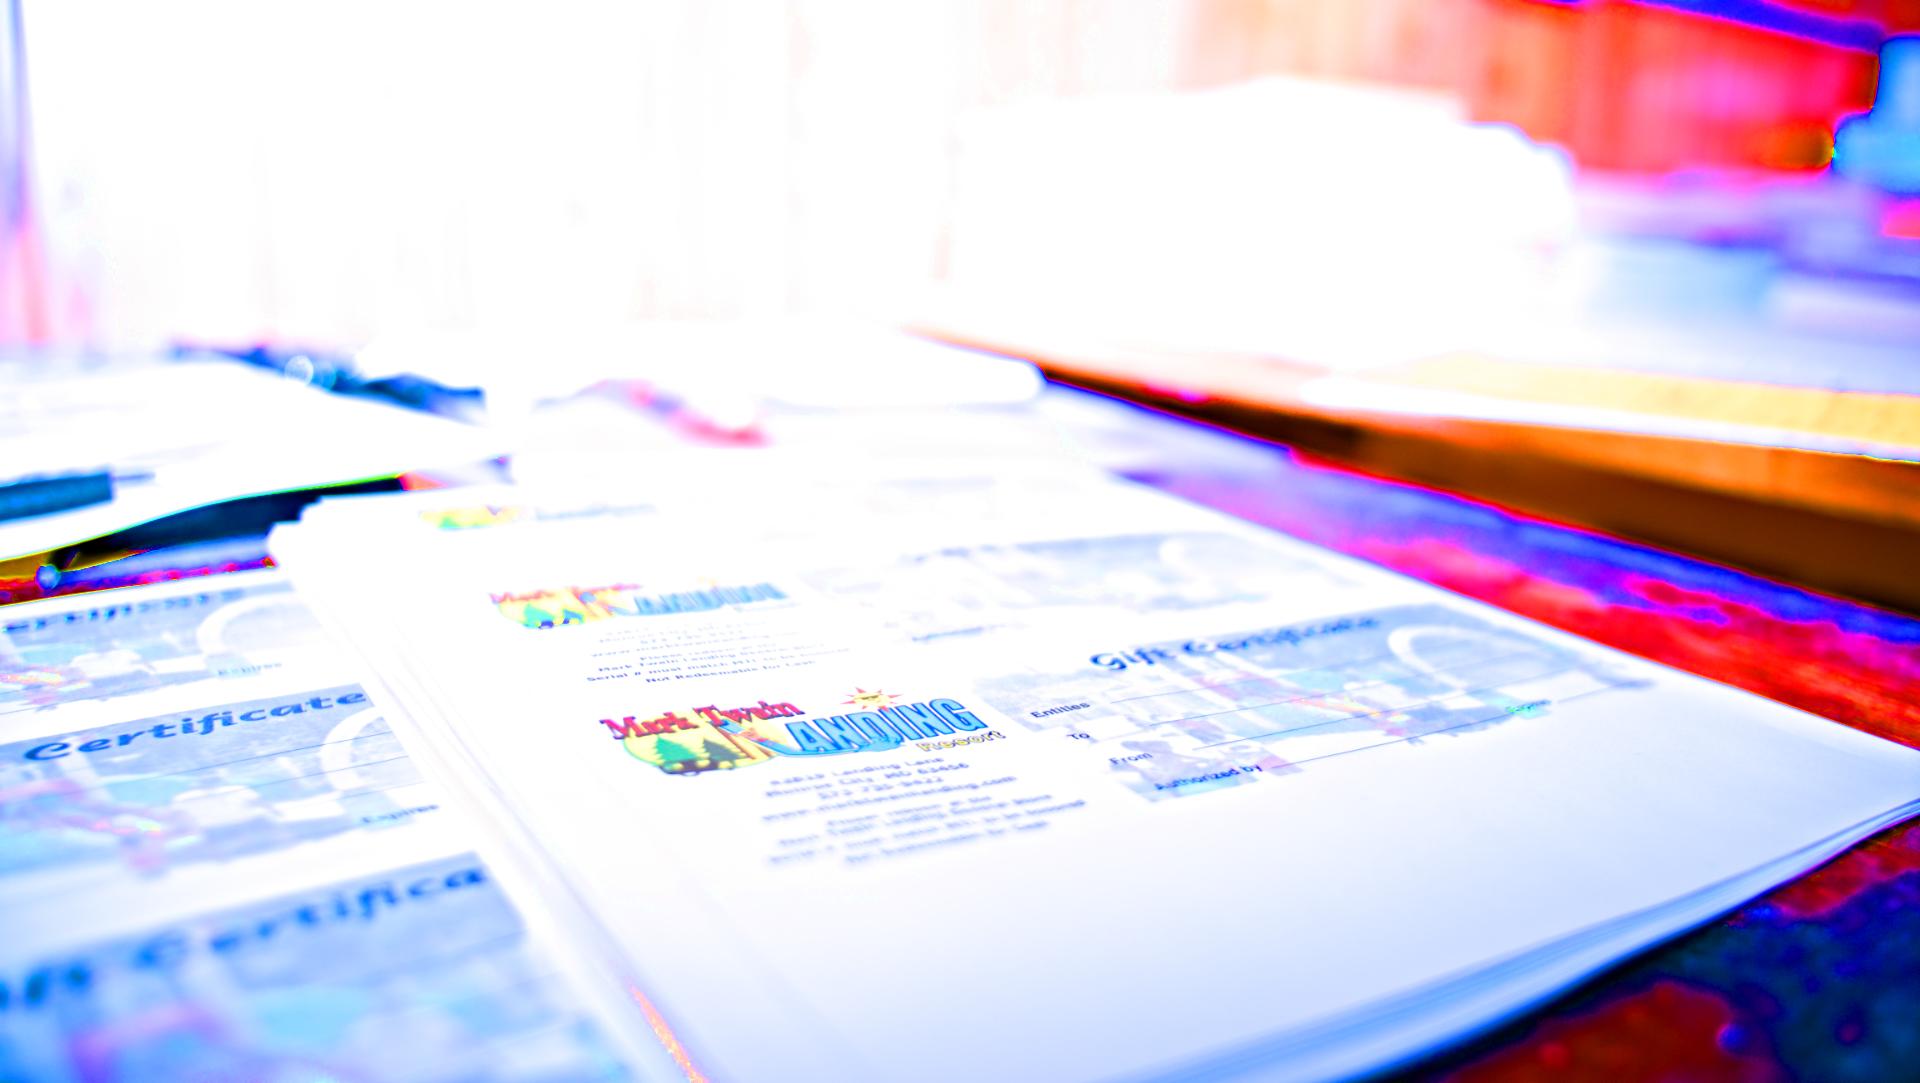 Press Sheet